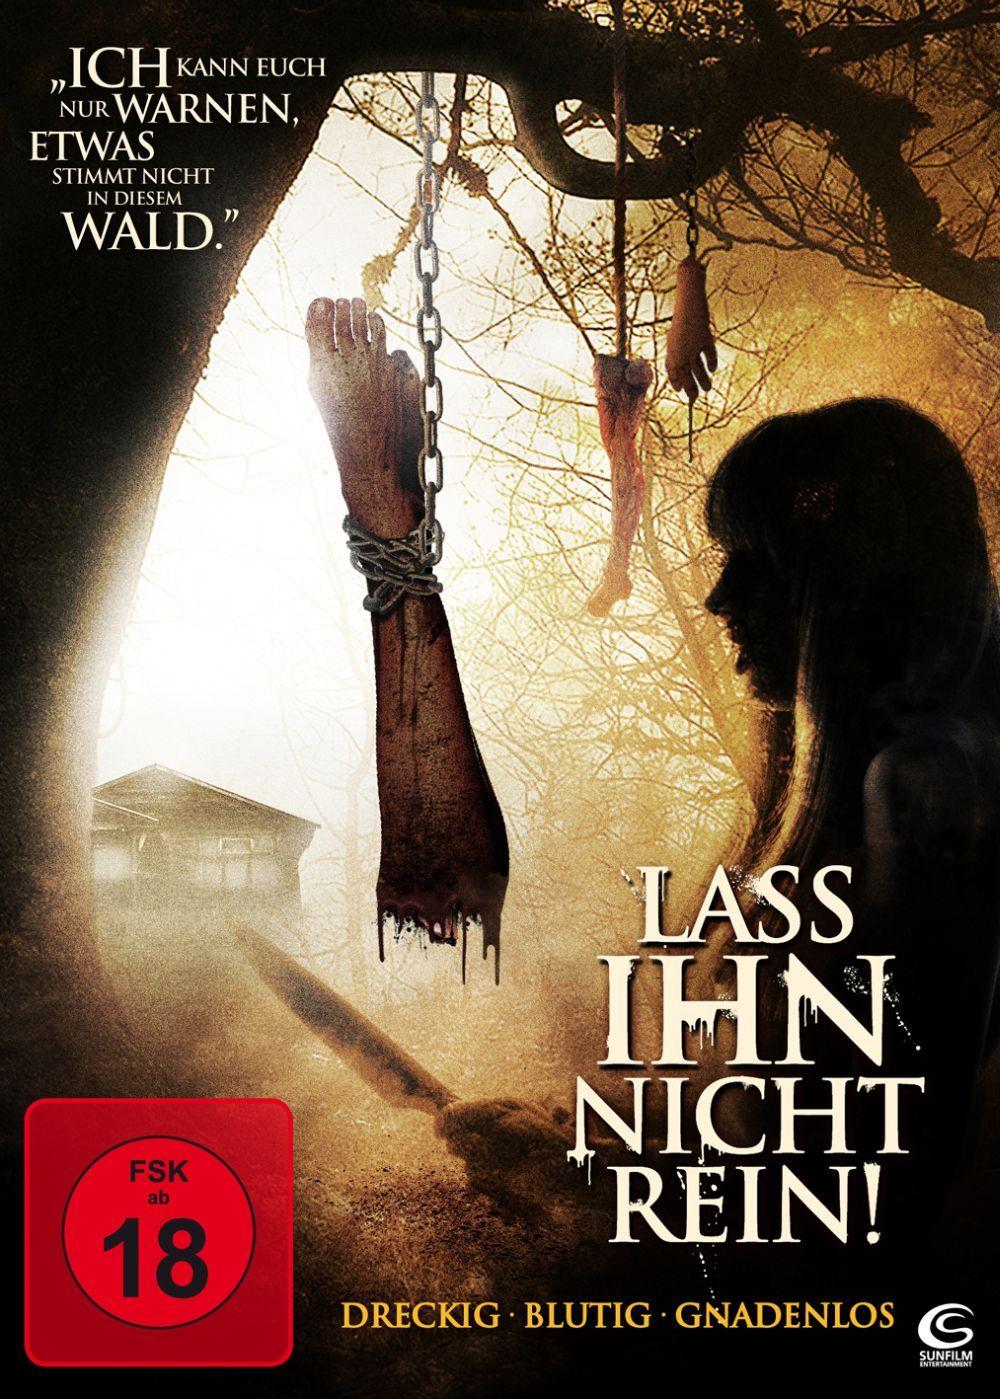 Lass ihn nicht rein! - Film 2011 - Scary-Movies.de